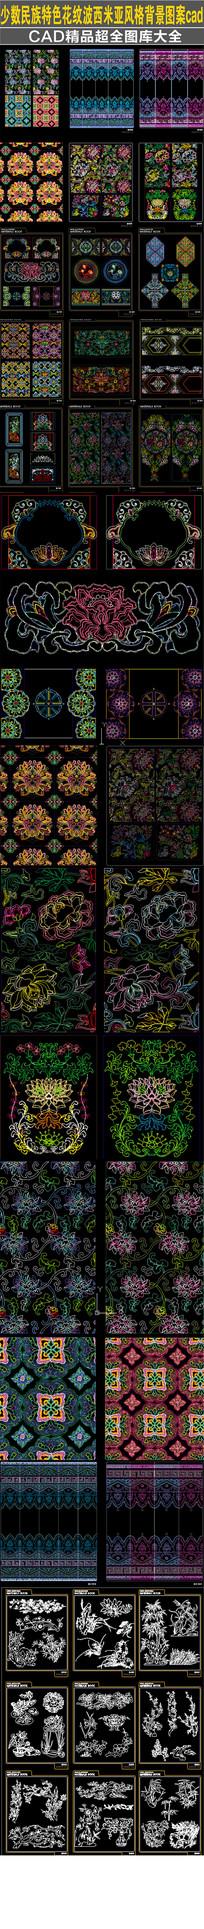 特色花纹波西米亚风格图案